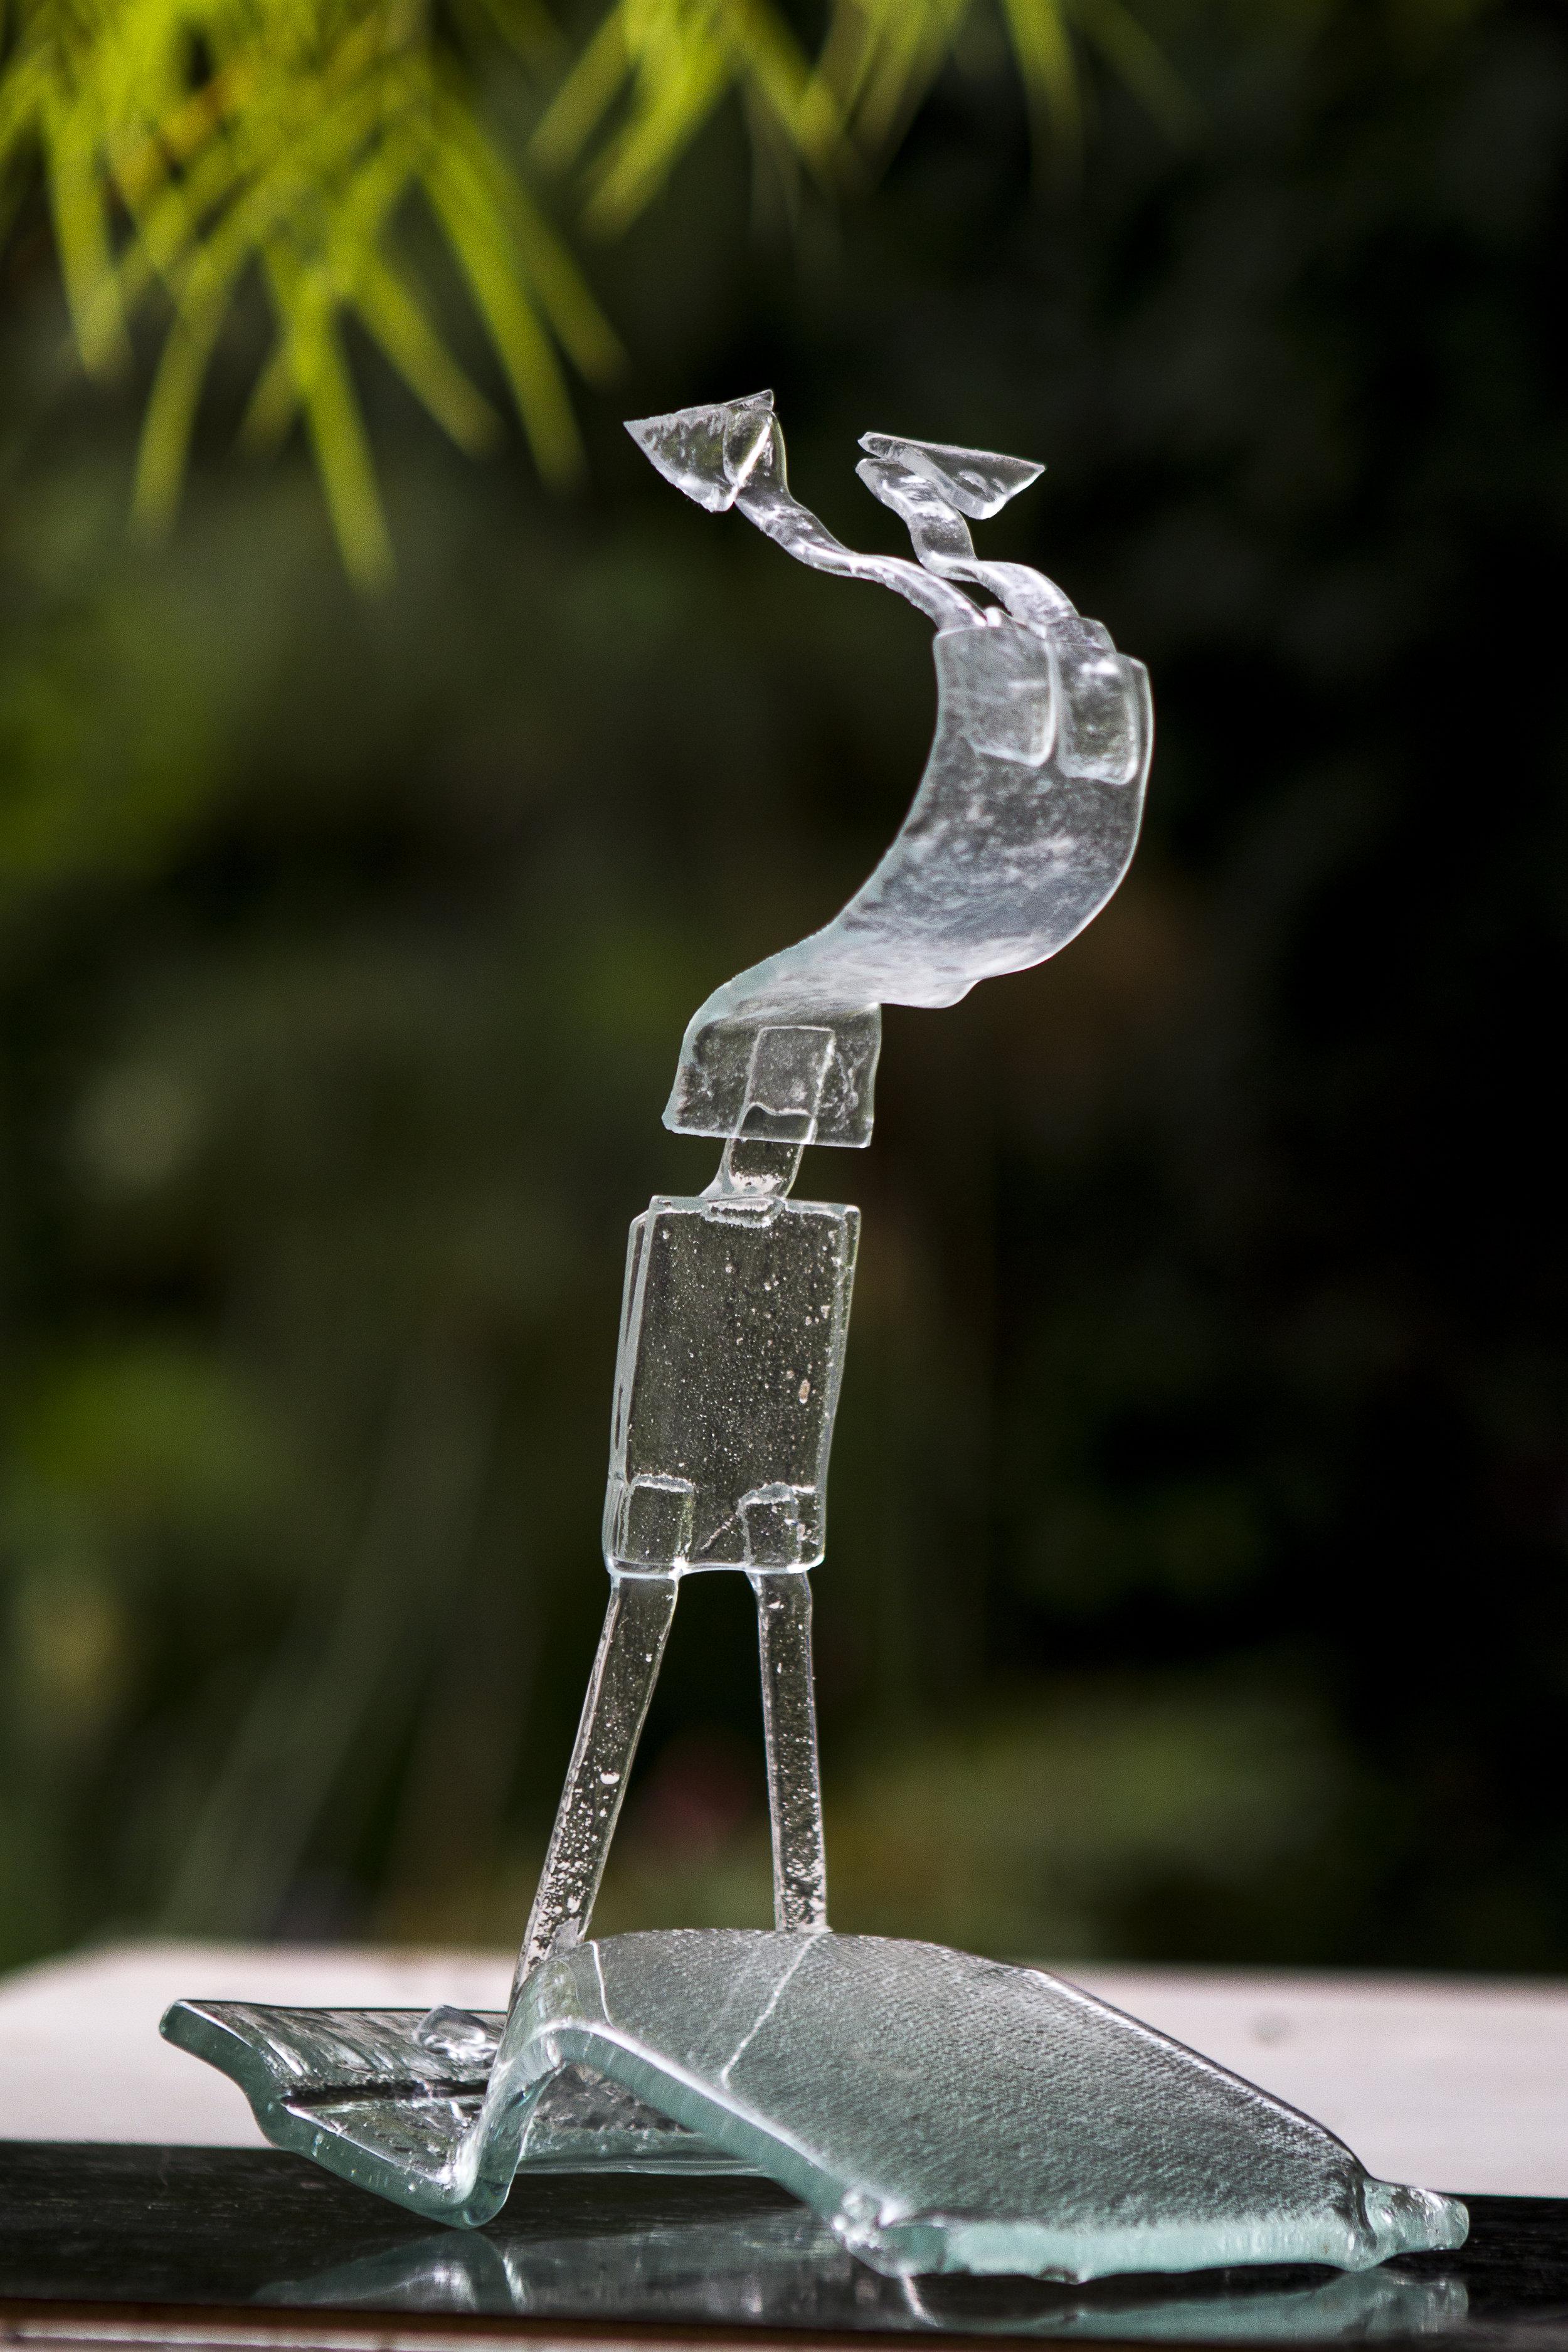 equilibrista reciclado.jpg